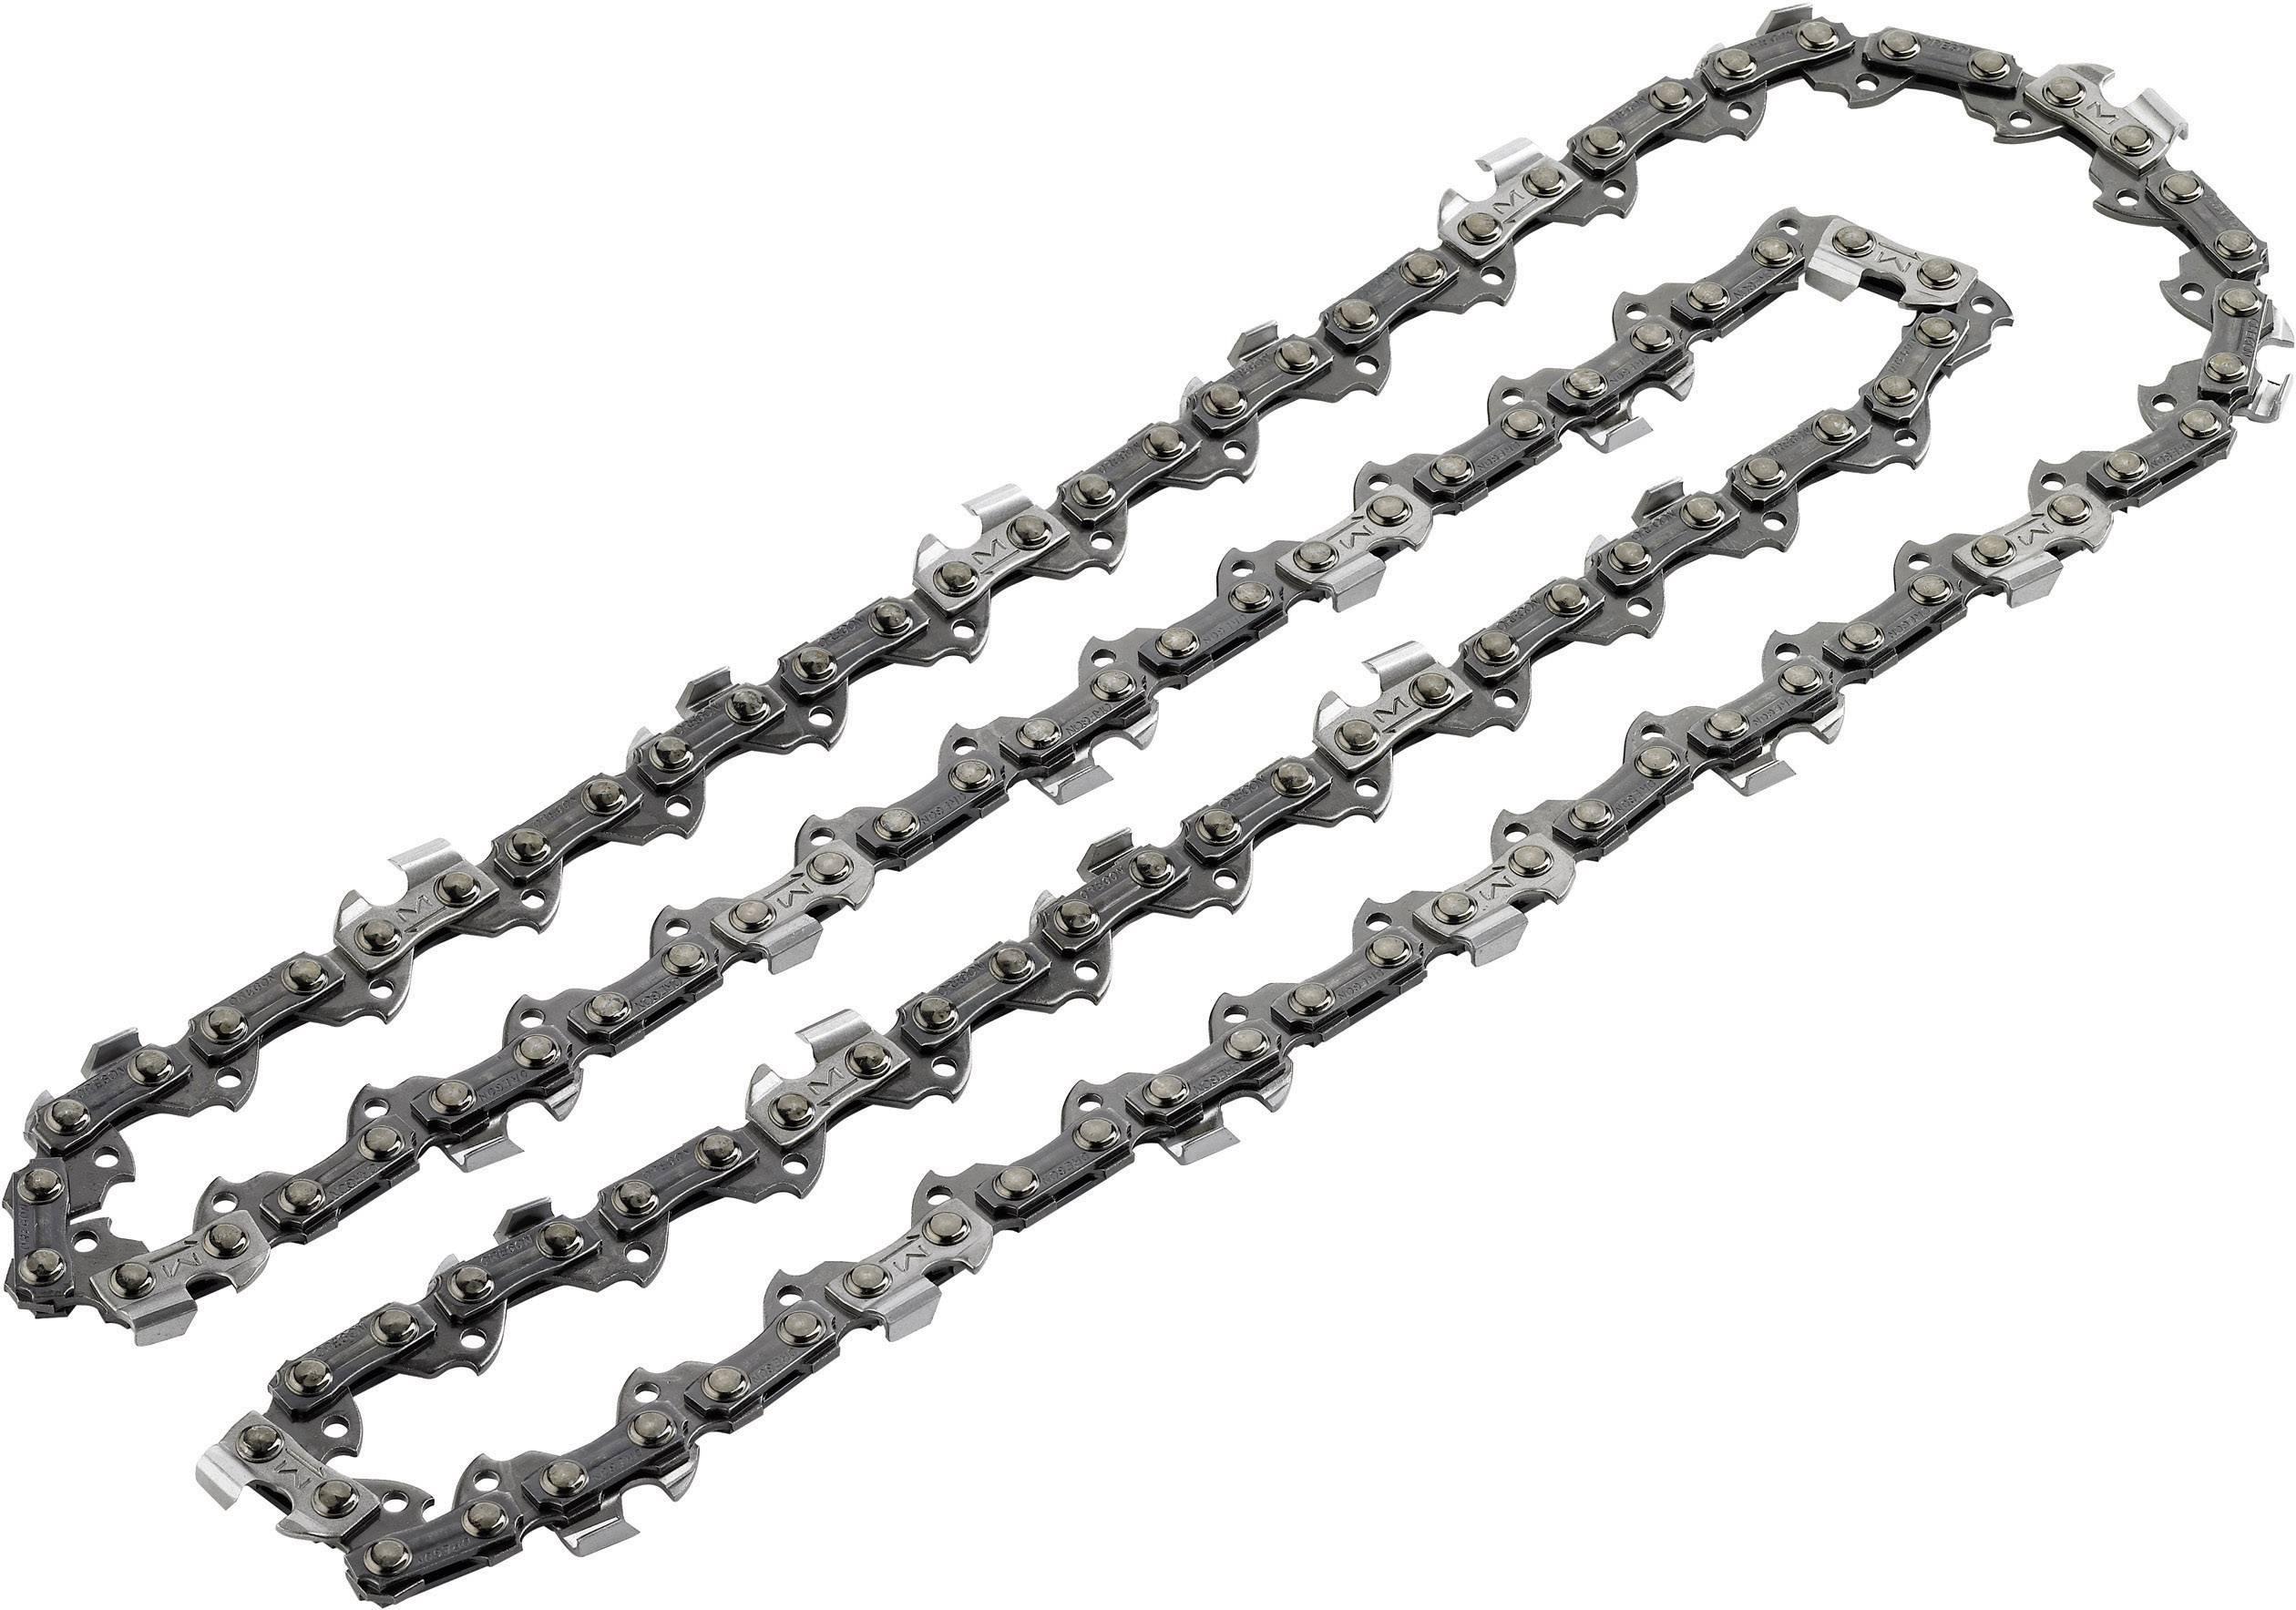 Náhradní díly pro řetězové pily a prořezávače